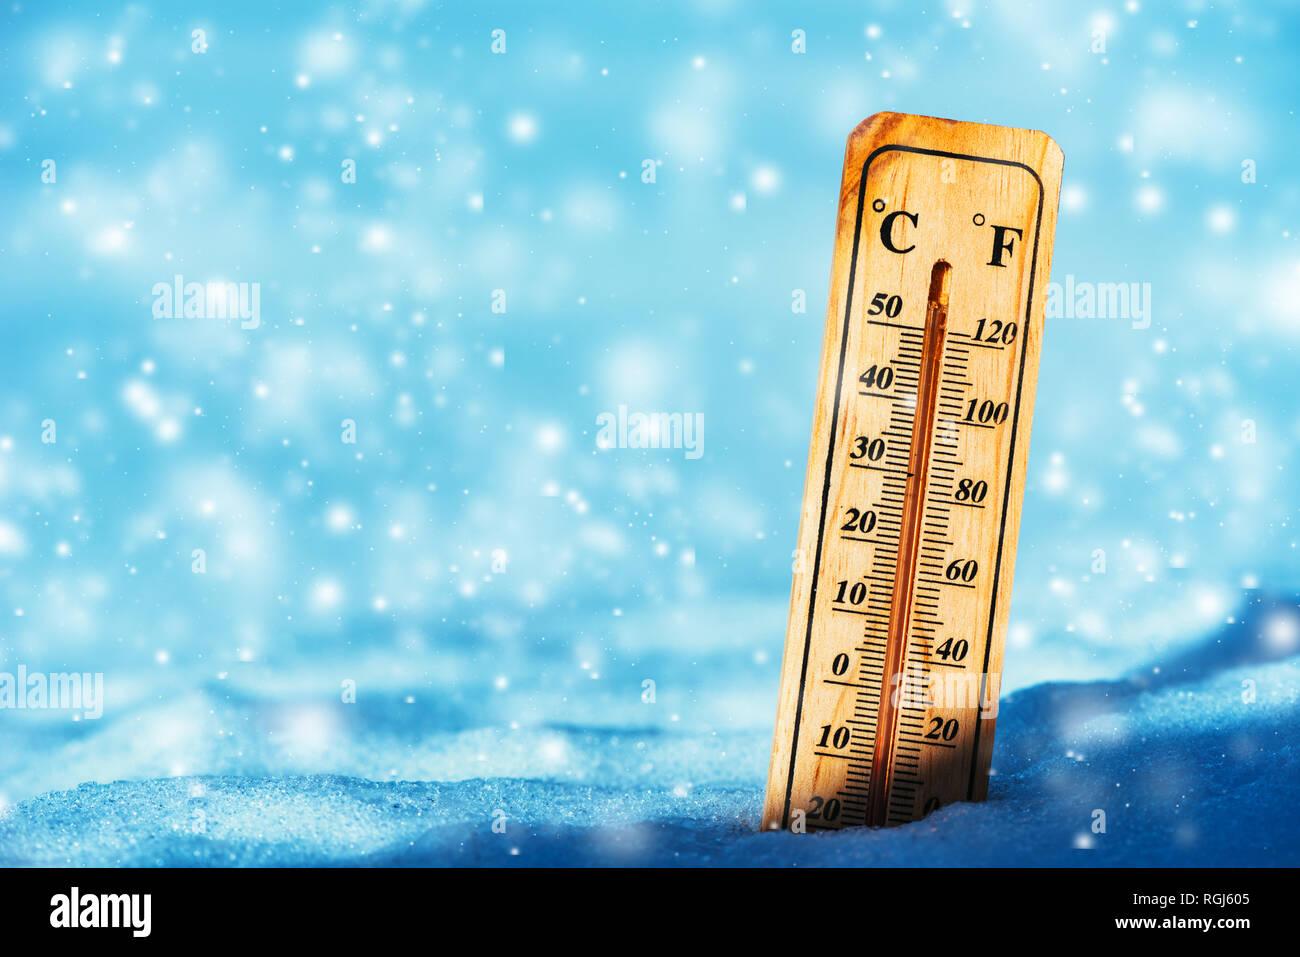 Temperatura Fredda Al Di Sotto Dello Zero Sul Termometro Di Neve Durante La Stagione Invernale Foto Stock Alamy Scegli la consegna gratis per riparmiare di più. https www alamy it temperatura fredda al di sotto dello zero sul termometro di neve durante la stagione invernale image233969125 html